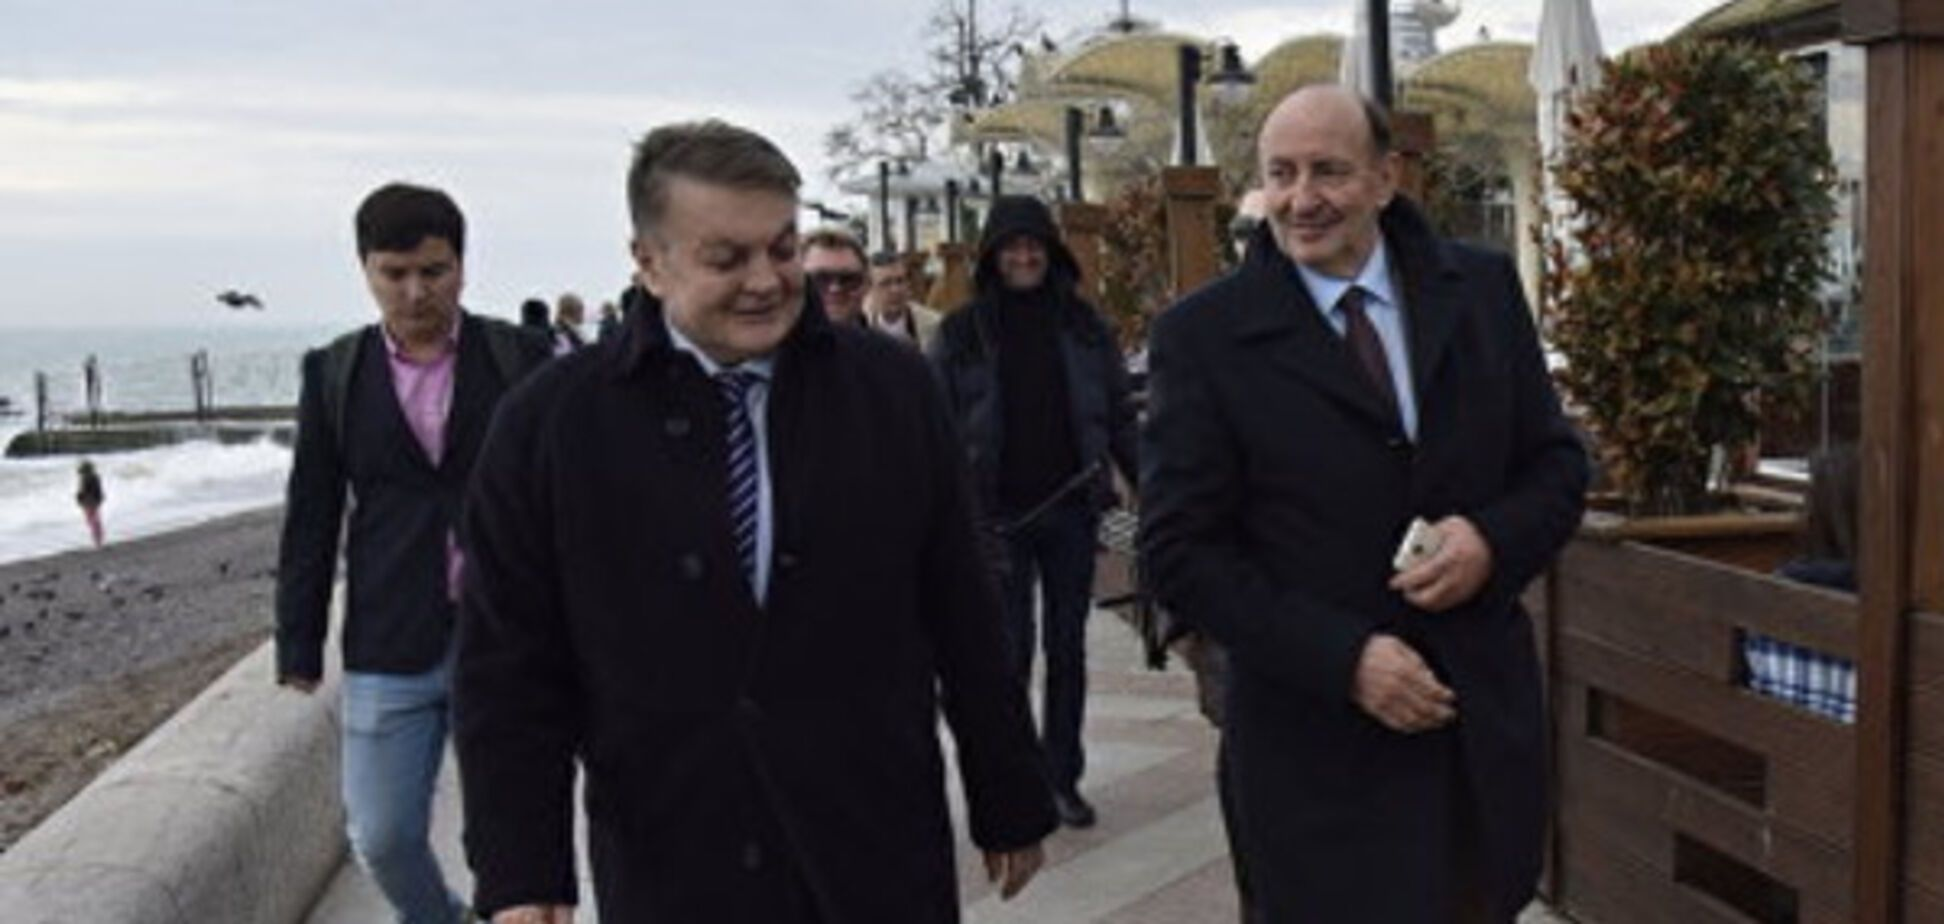 Визит европейских политиков в Крым